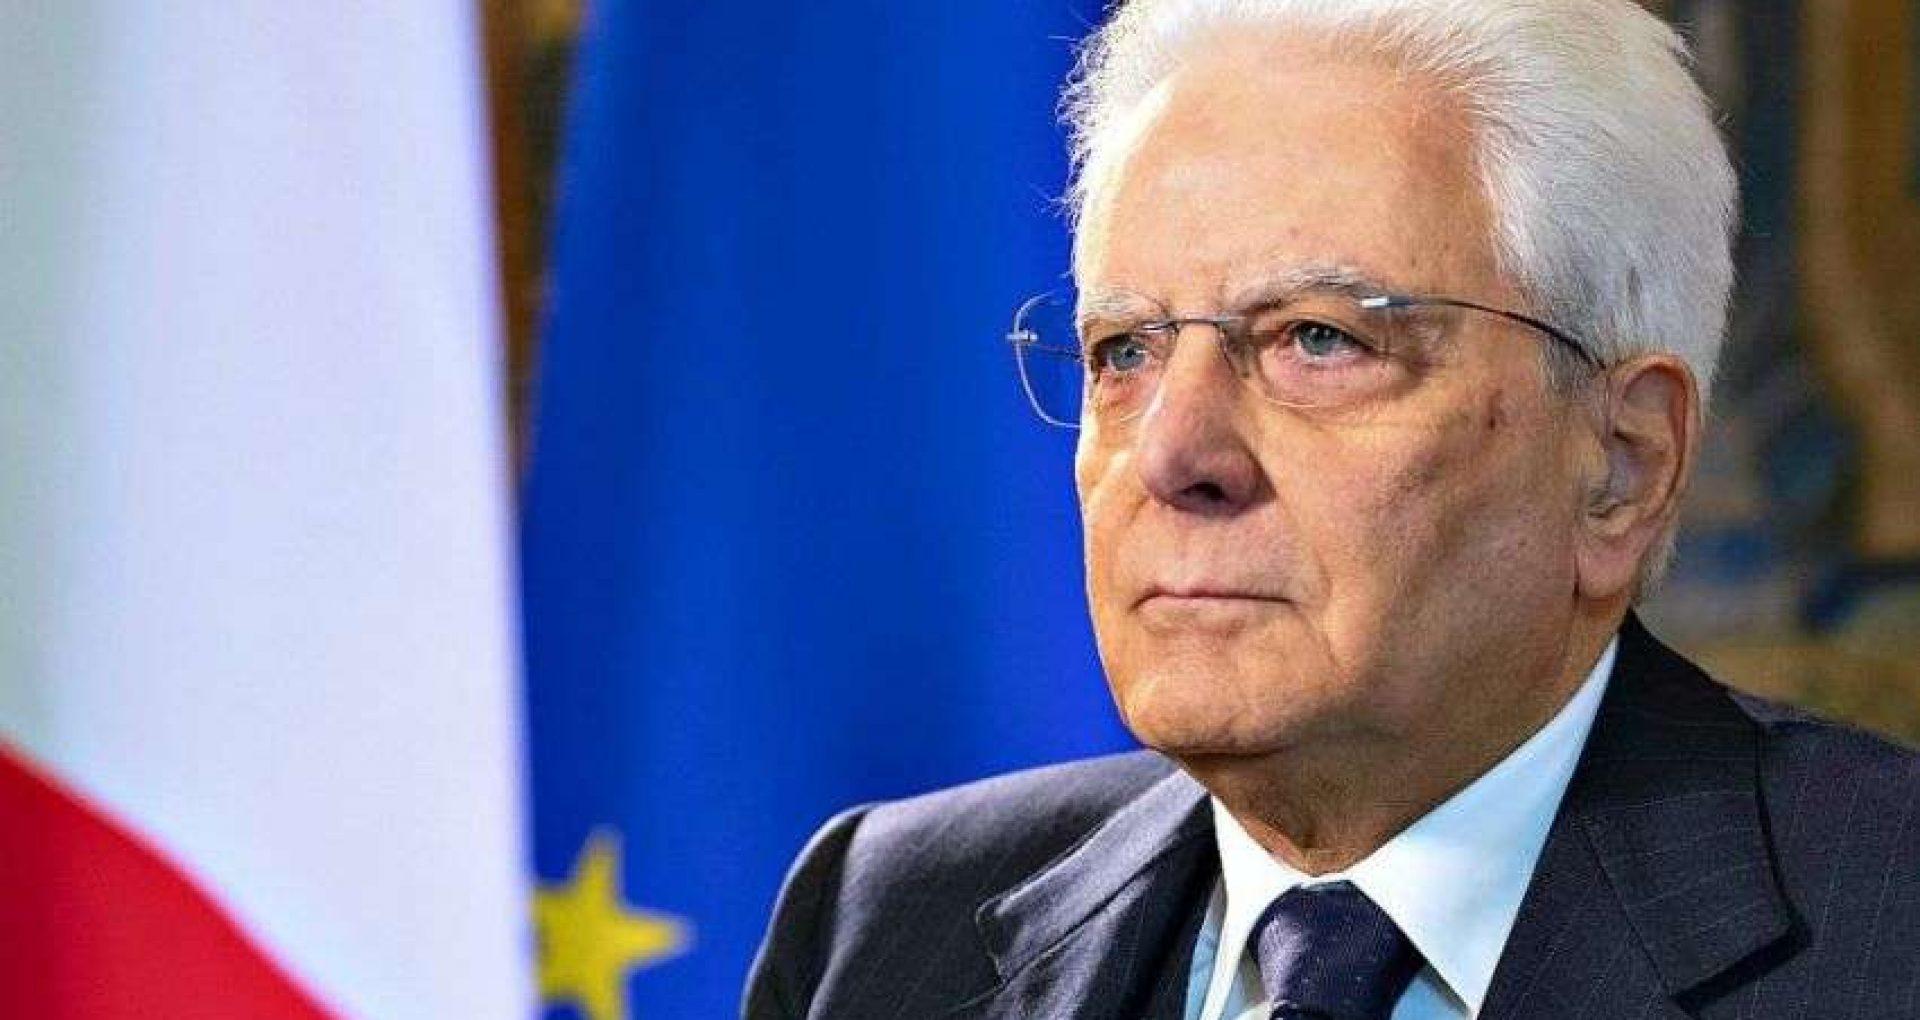 Președintele Italiei a felicitat-o pe Maia Sandu cu ocazia victoriei în alegerile prezidențiale